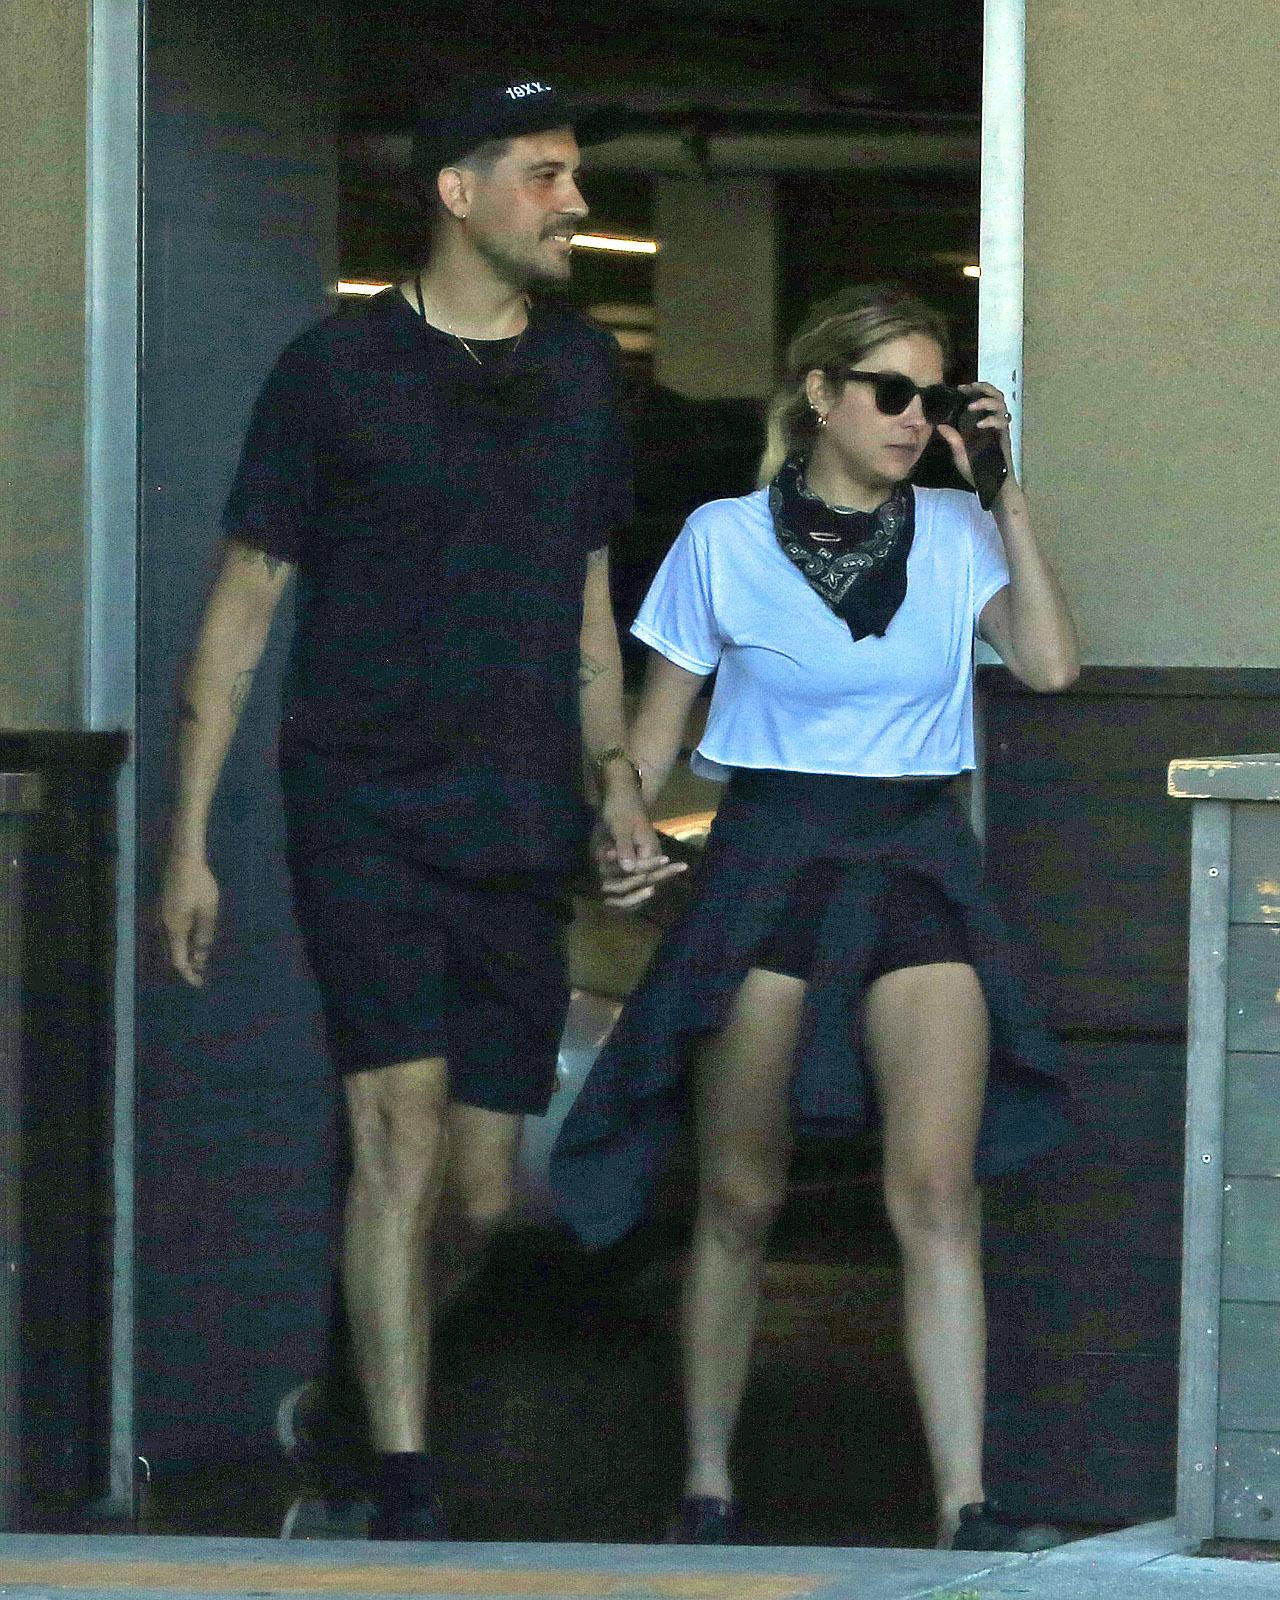 Ashley Benson i G-Eazy na spacerze trzymają się za rękę.